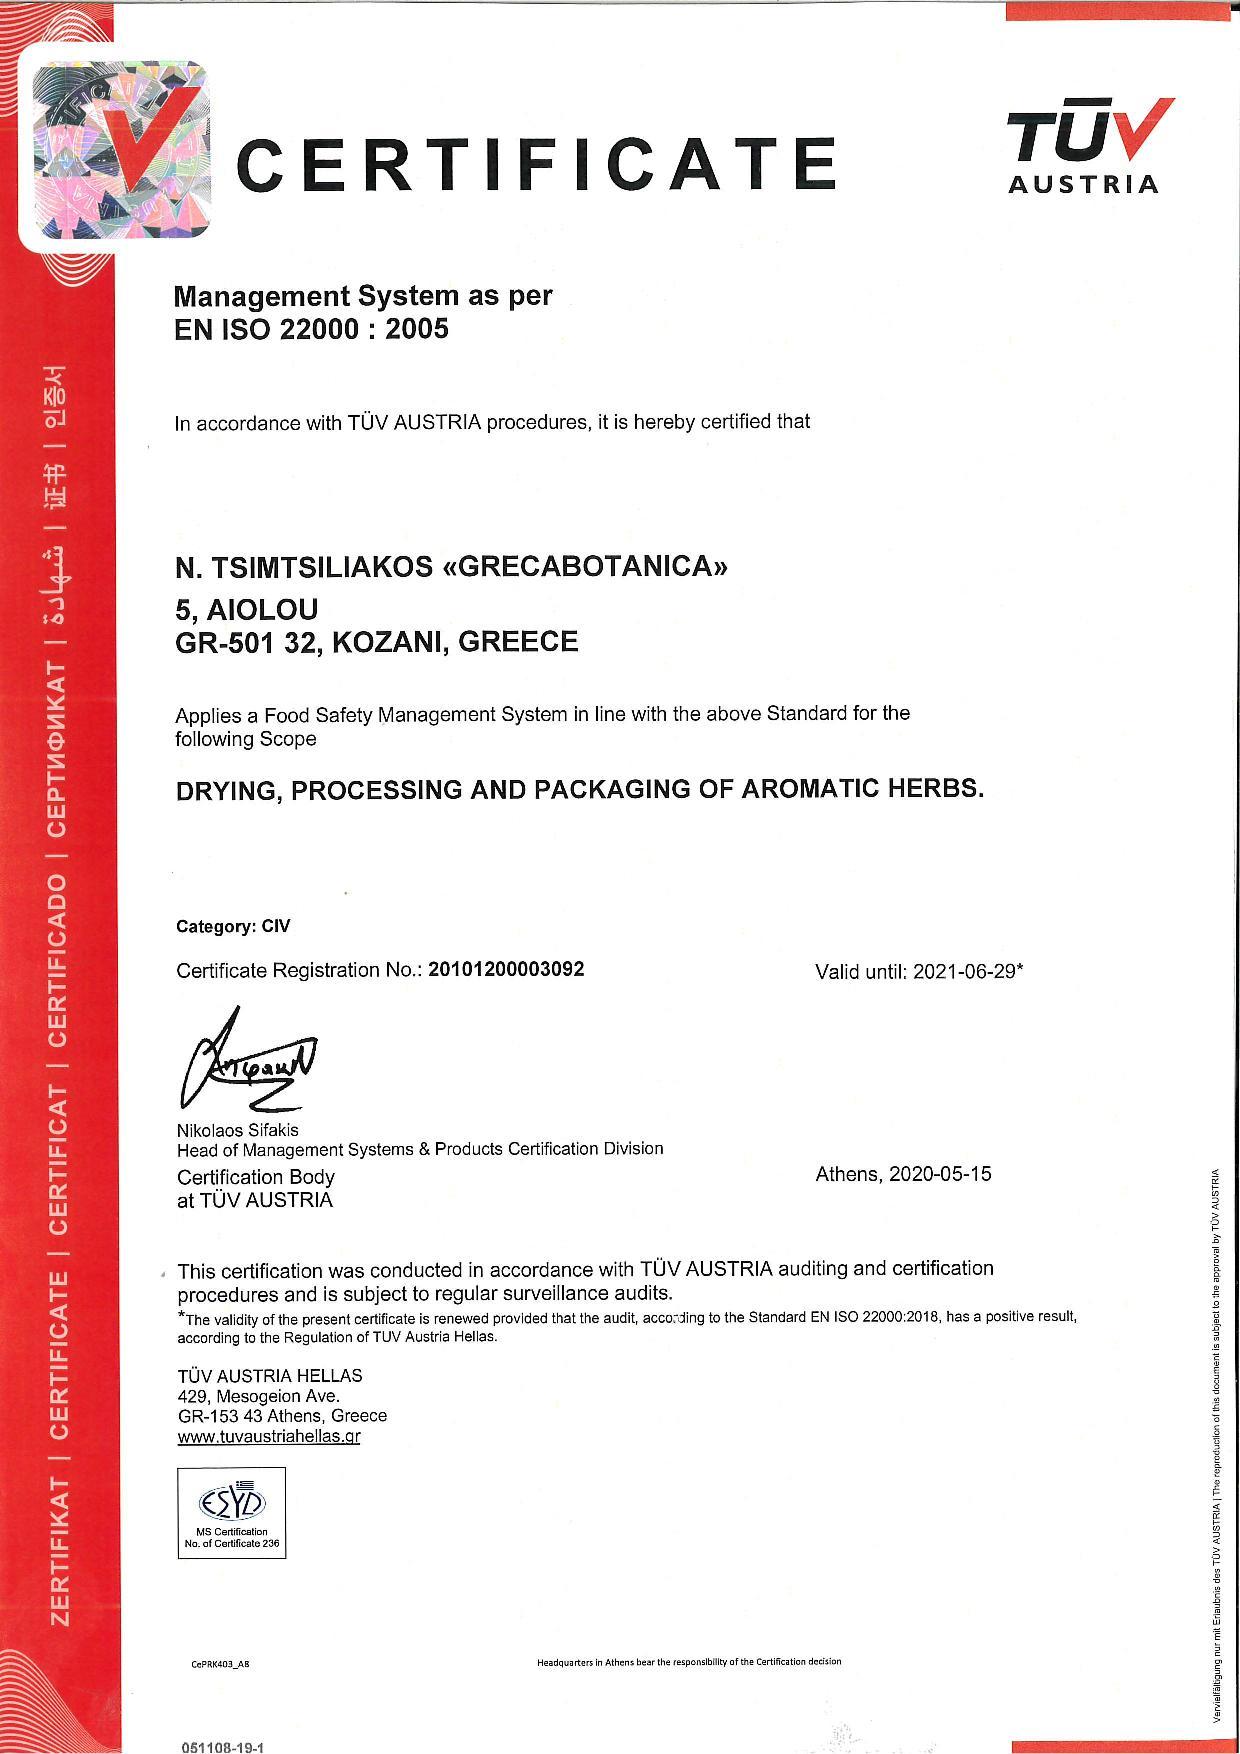 Ανανέωση πιστοποιητικών ποιότητας TUV Austria Hellas